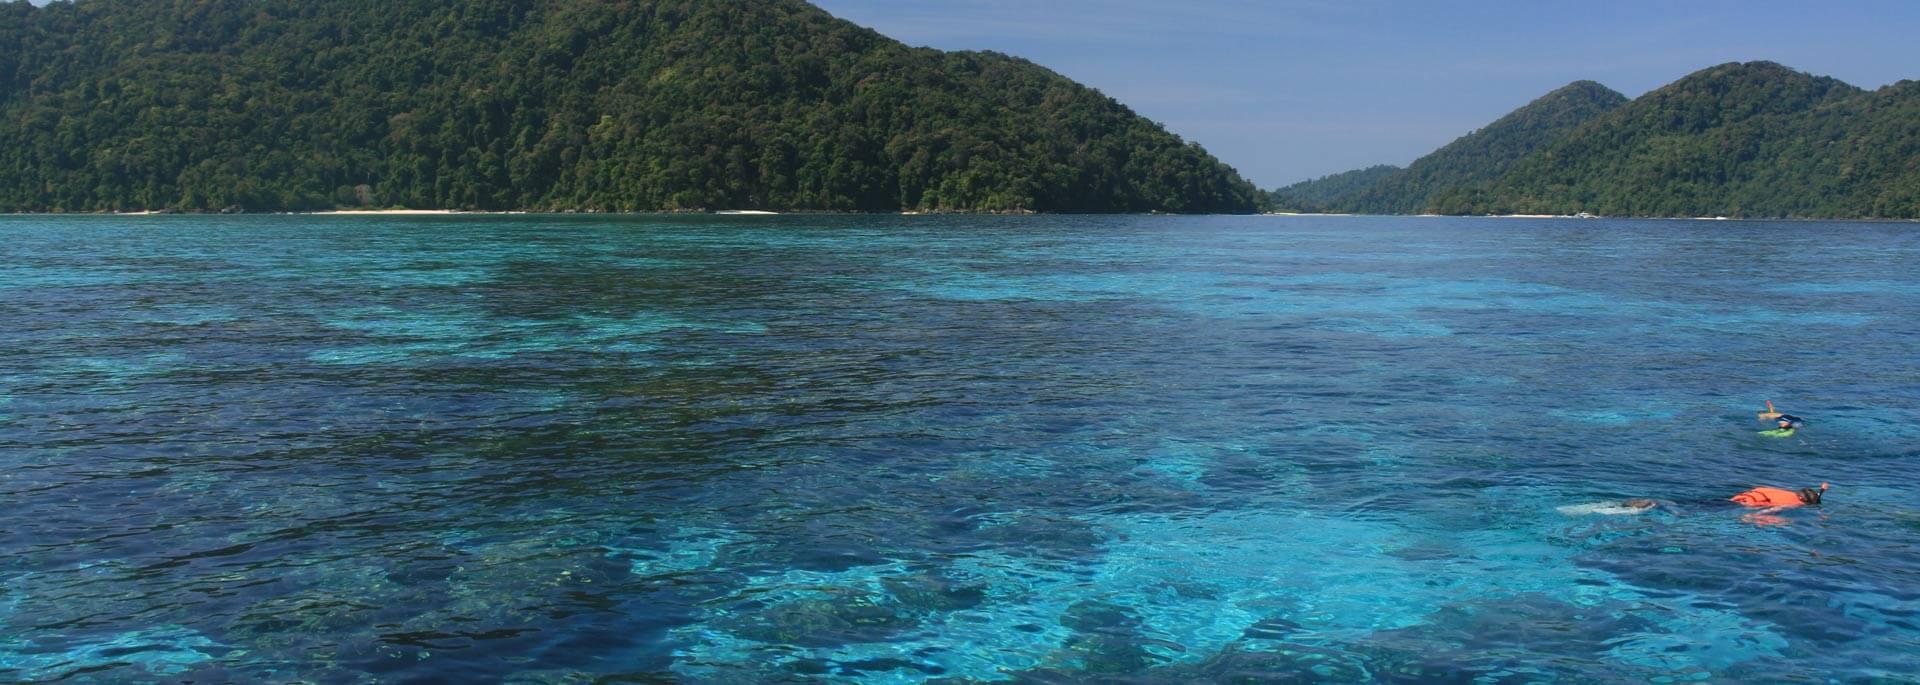 Warum die Surin Inseln und ihre Bewohner lieber ein Geheimtipp bleiben sollten